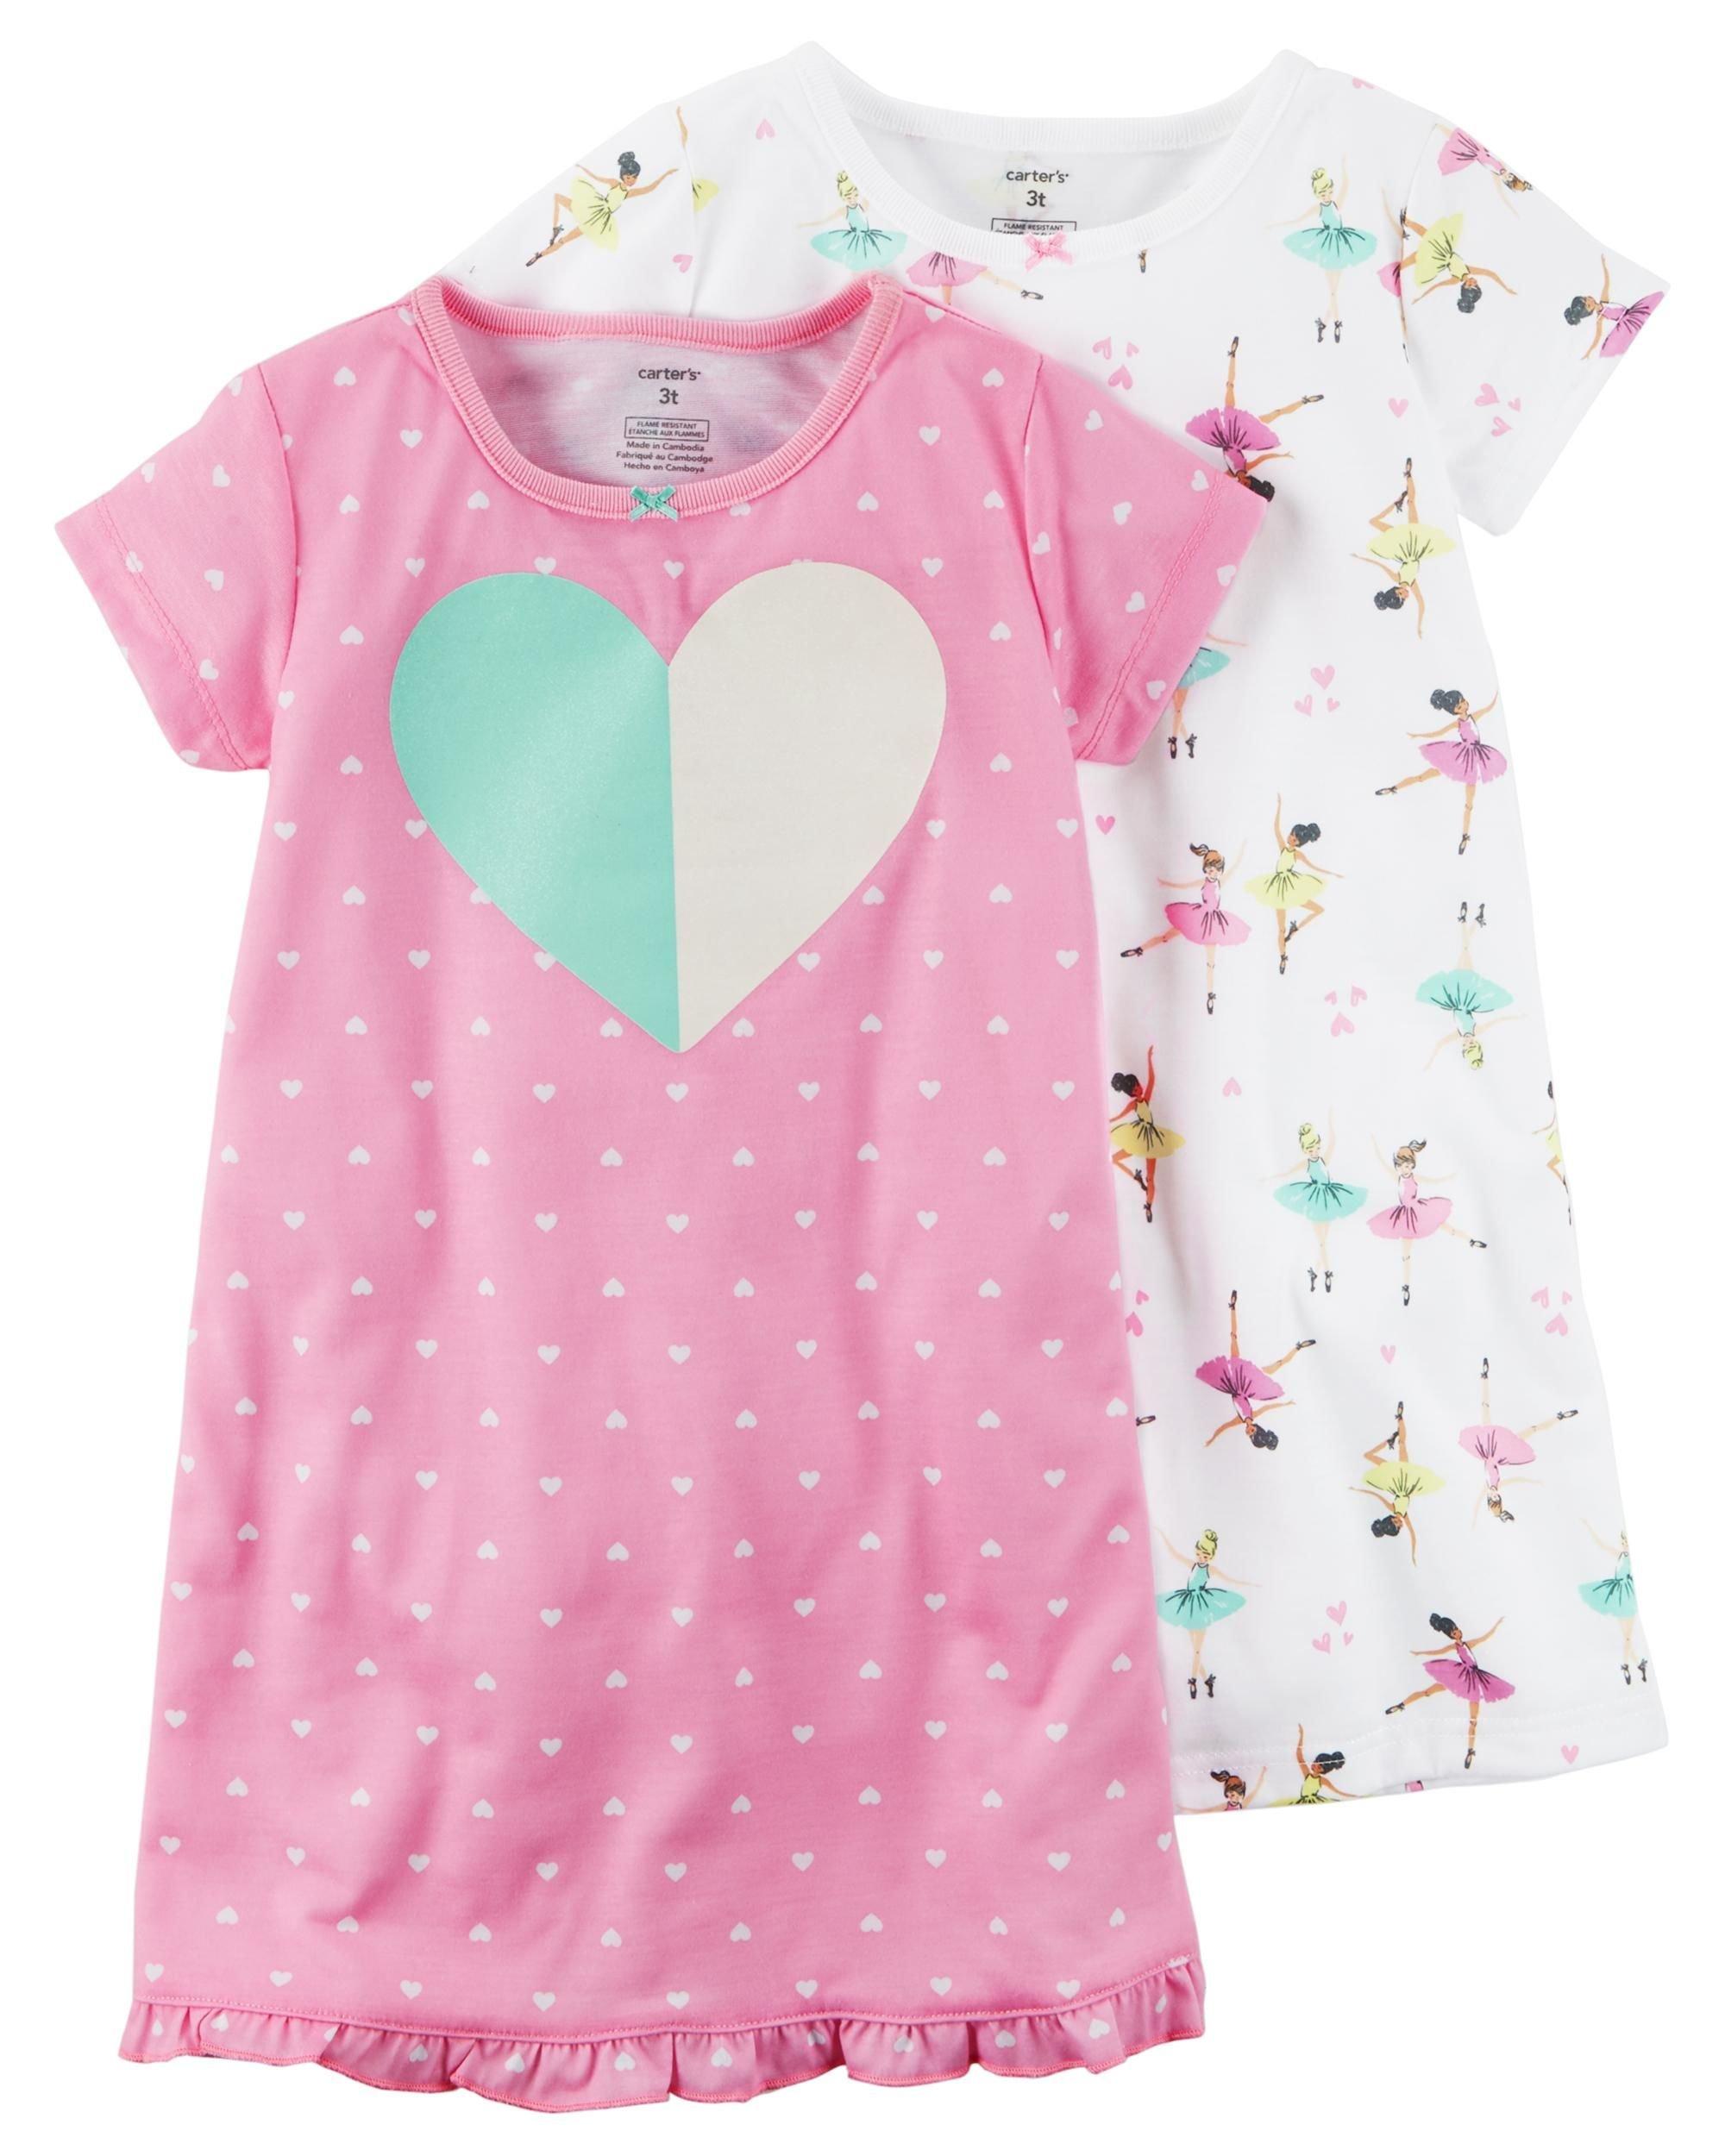 Carters Girls 4-14 Sleep Gown Set S (4/5),Heart/Ballerina